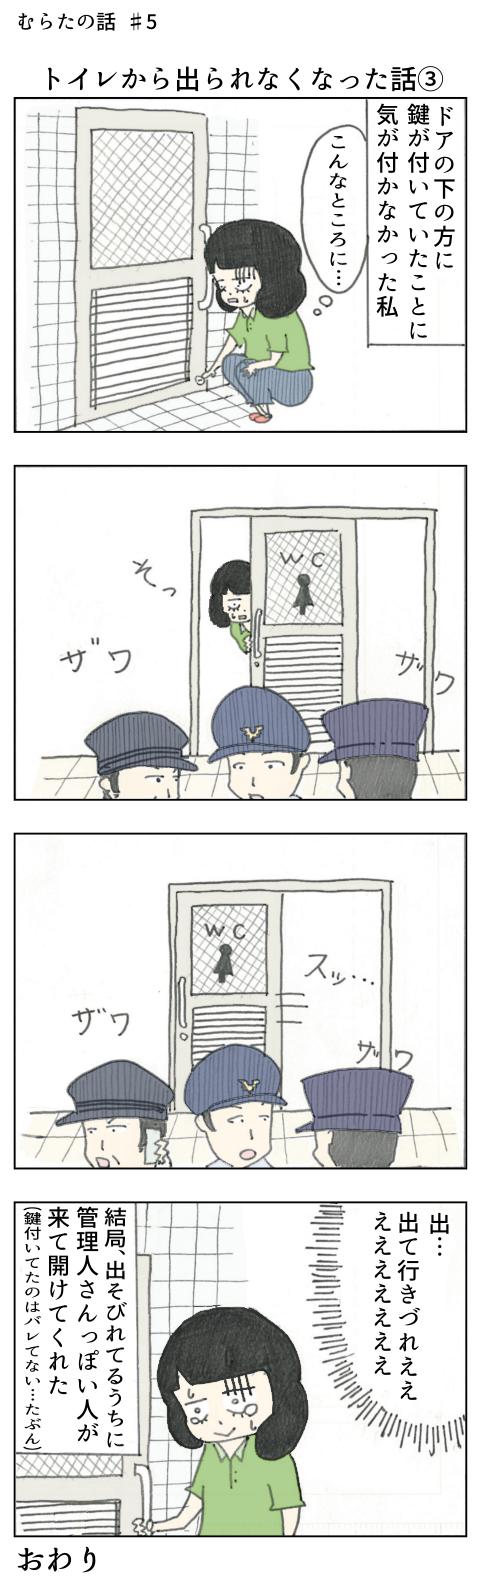 【むらたの話 #5】トイレから出られなくなった話③